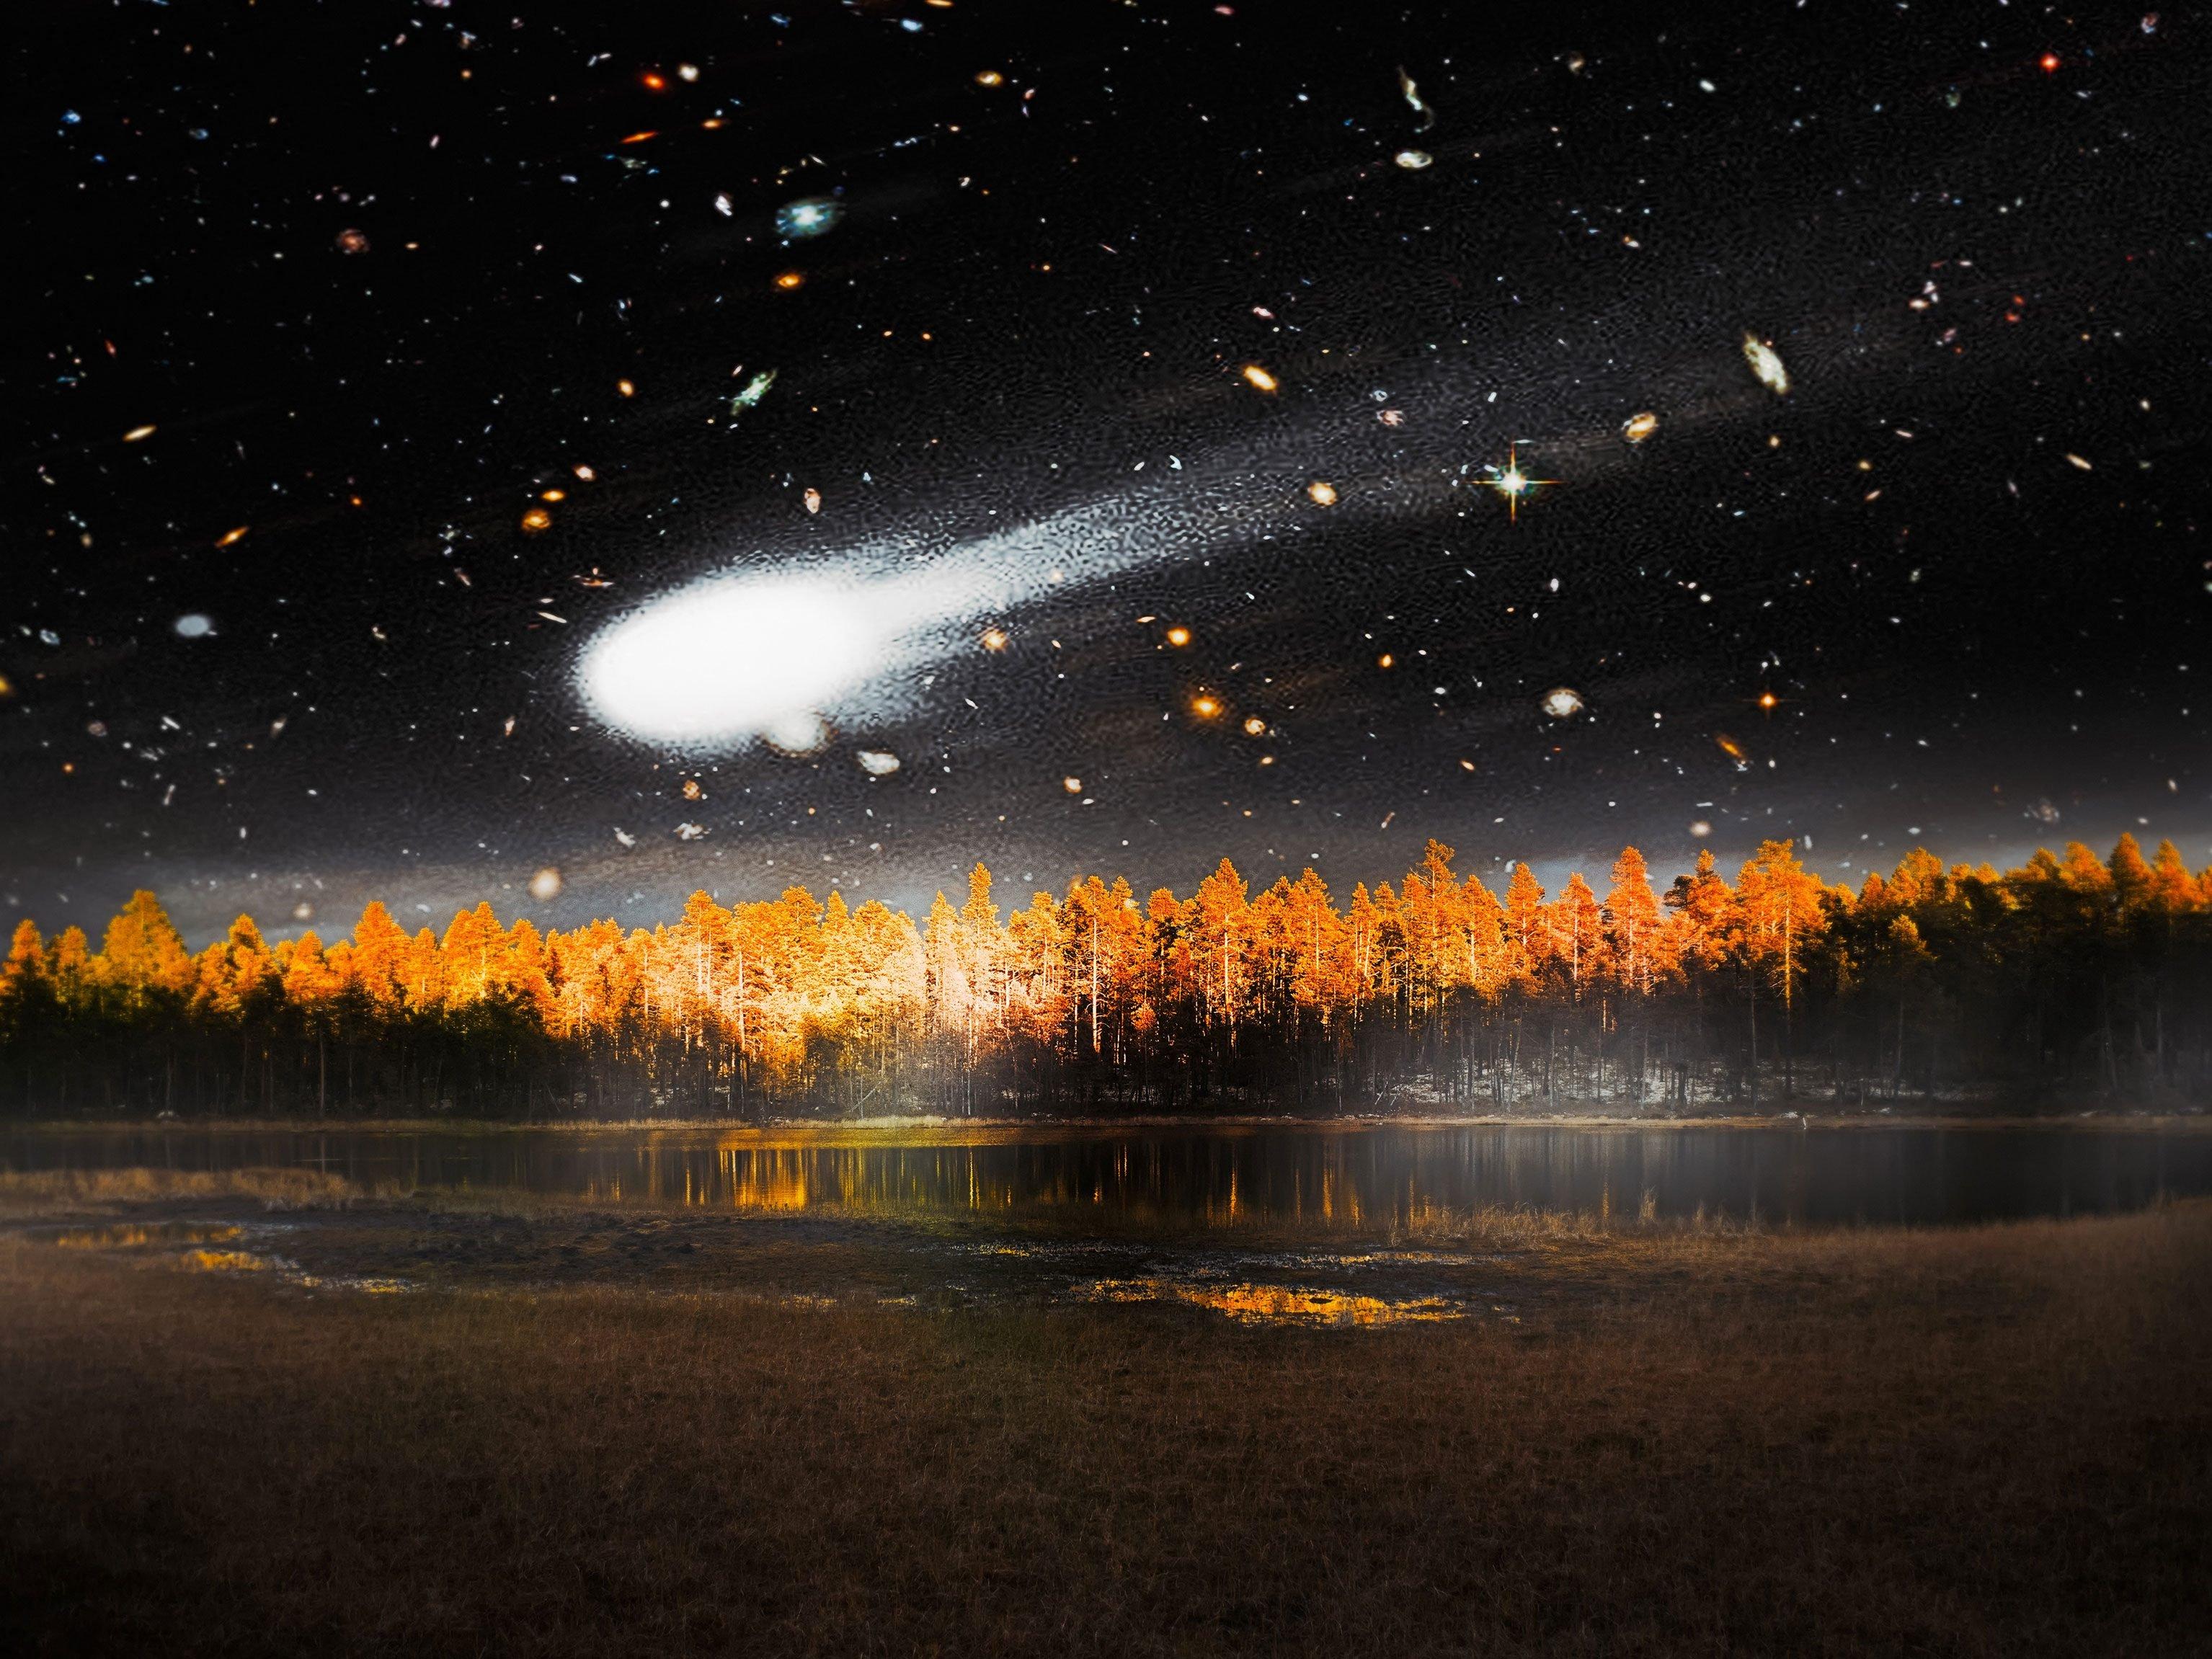 Une météoriteest un astéroïde qui survit à sa traversée de l'atmosphère de la Terre et qui atteint la surface.